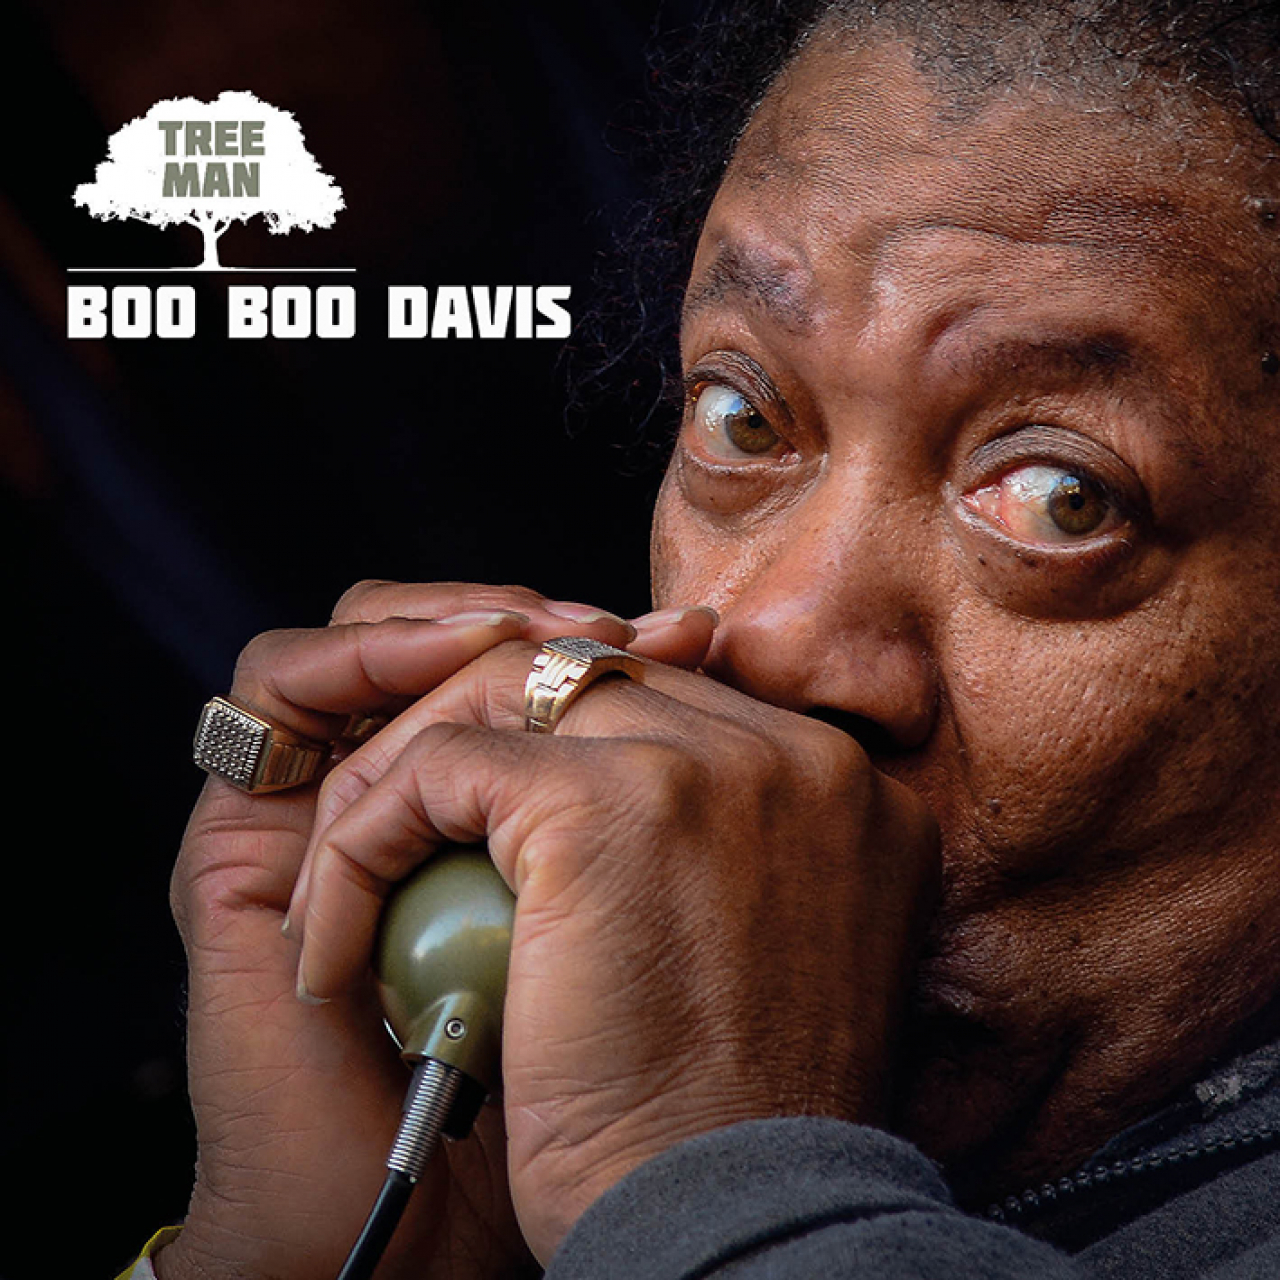 """Résultat de recherche d'images pour """"BOO BOO DAVIS CD TREE MAN"""""""